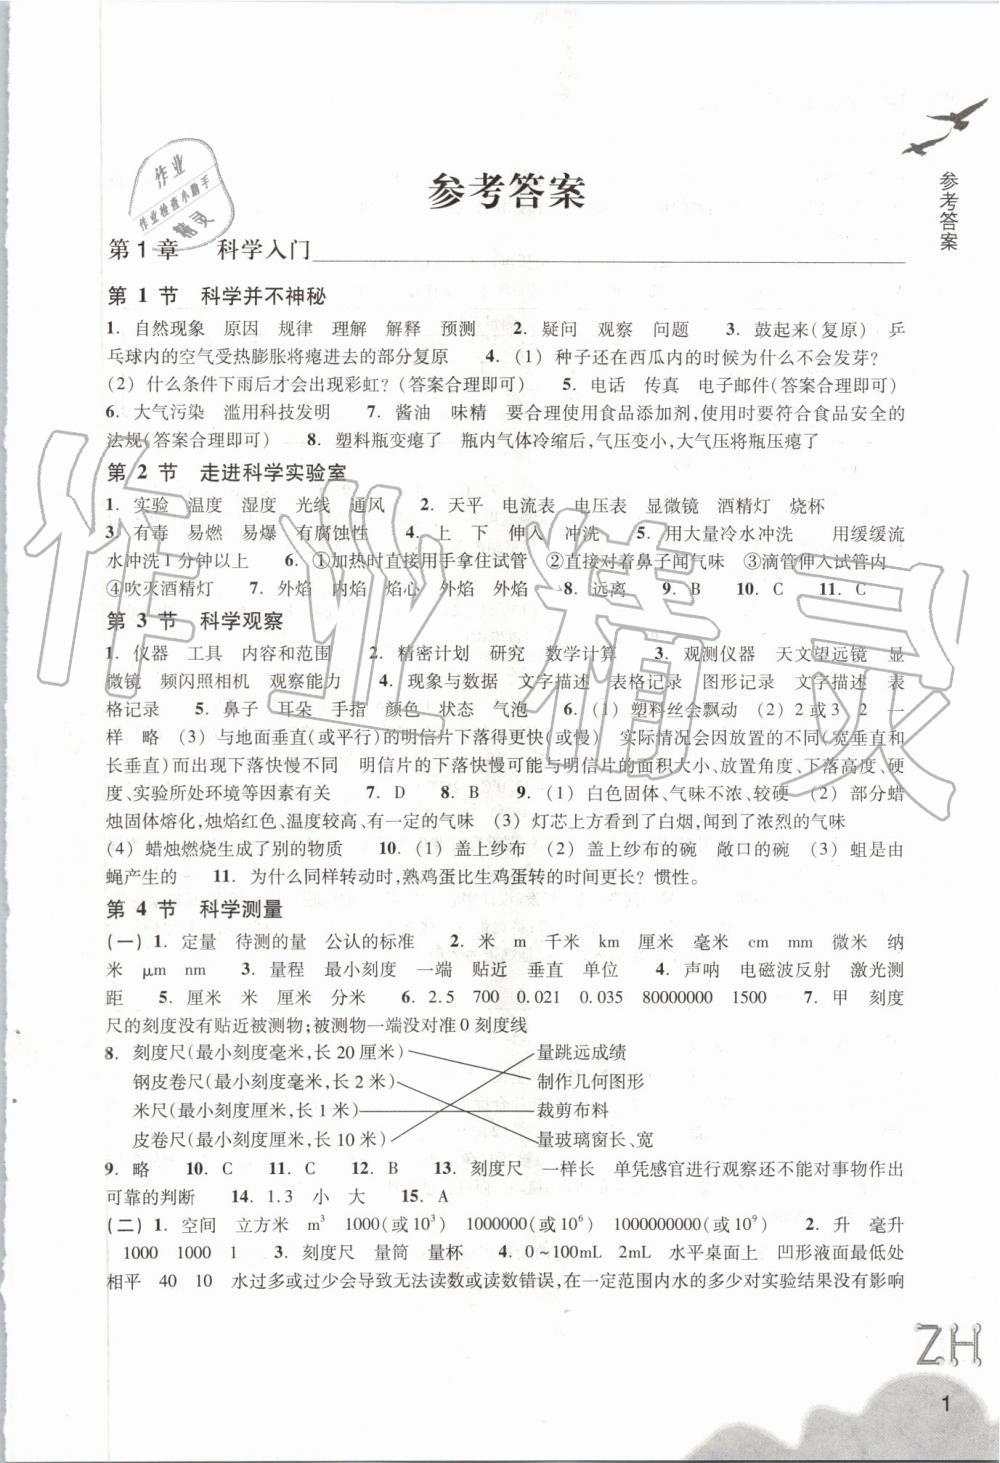 2019年作業本七年級科學上冊浙教版浙江教育出版社第1頁